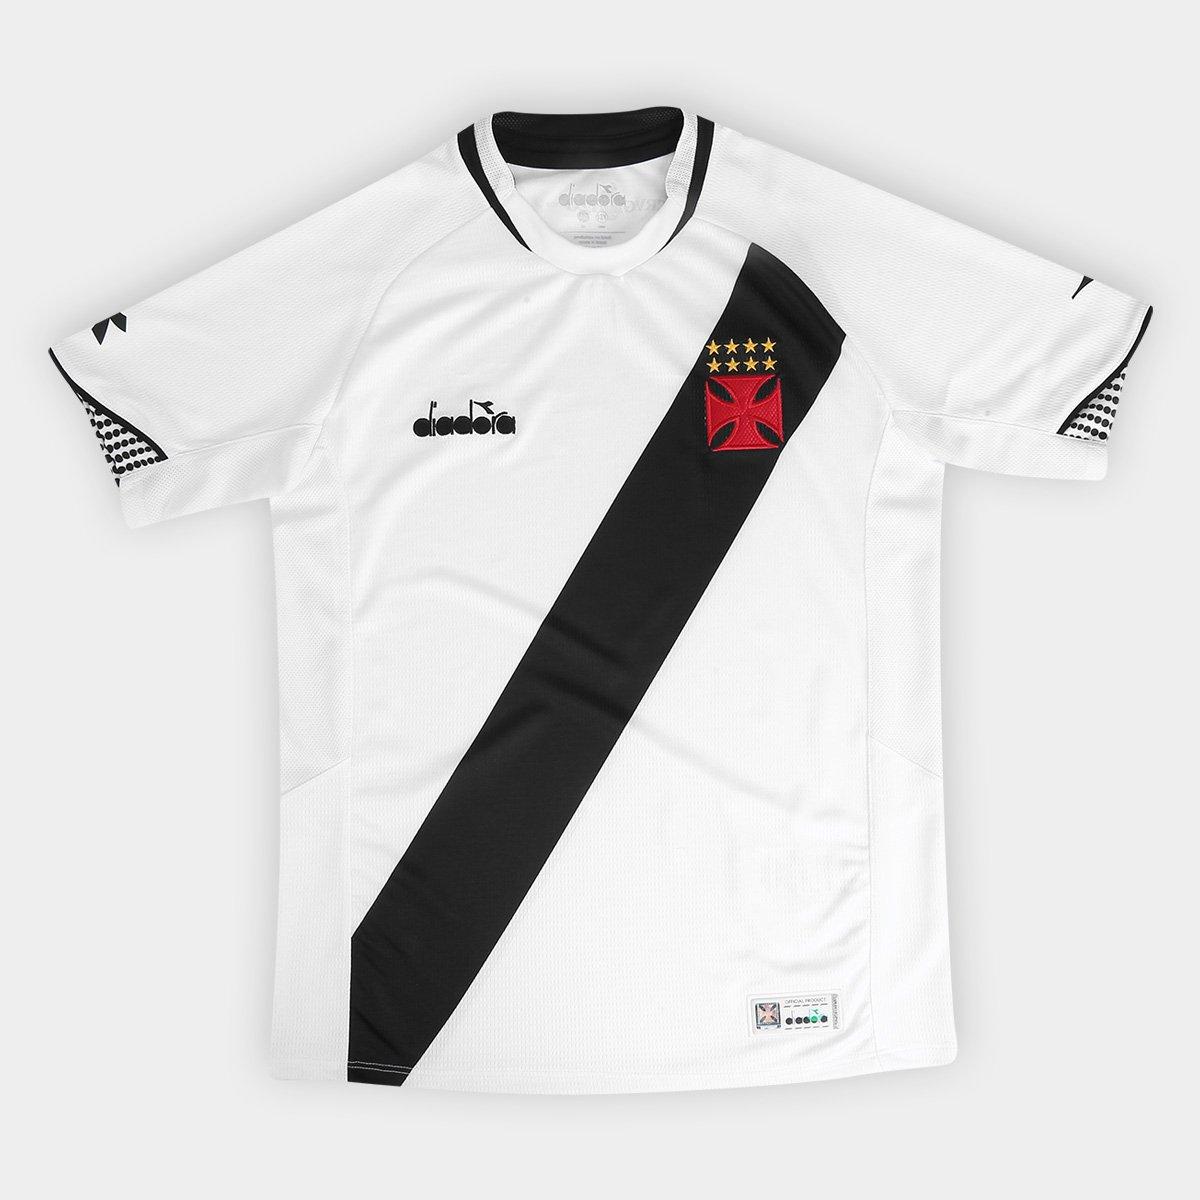 Camisa Vasco II Infantil 2018 s n° Torcedor Diadora - Branco ... b9fad4175a162